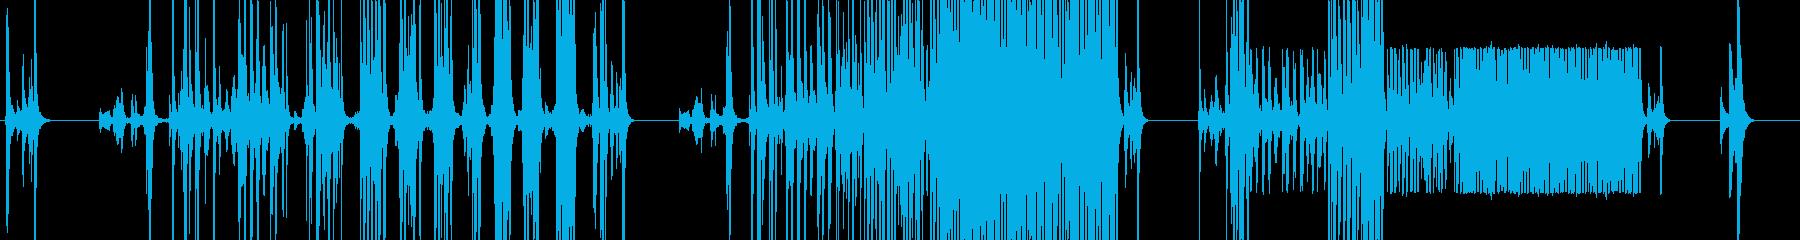 ポートカリス;上下ラチェット機構付...の再生済みの波形